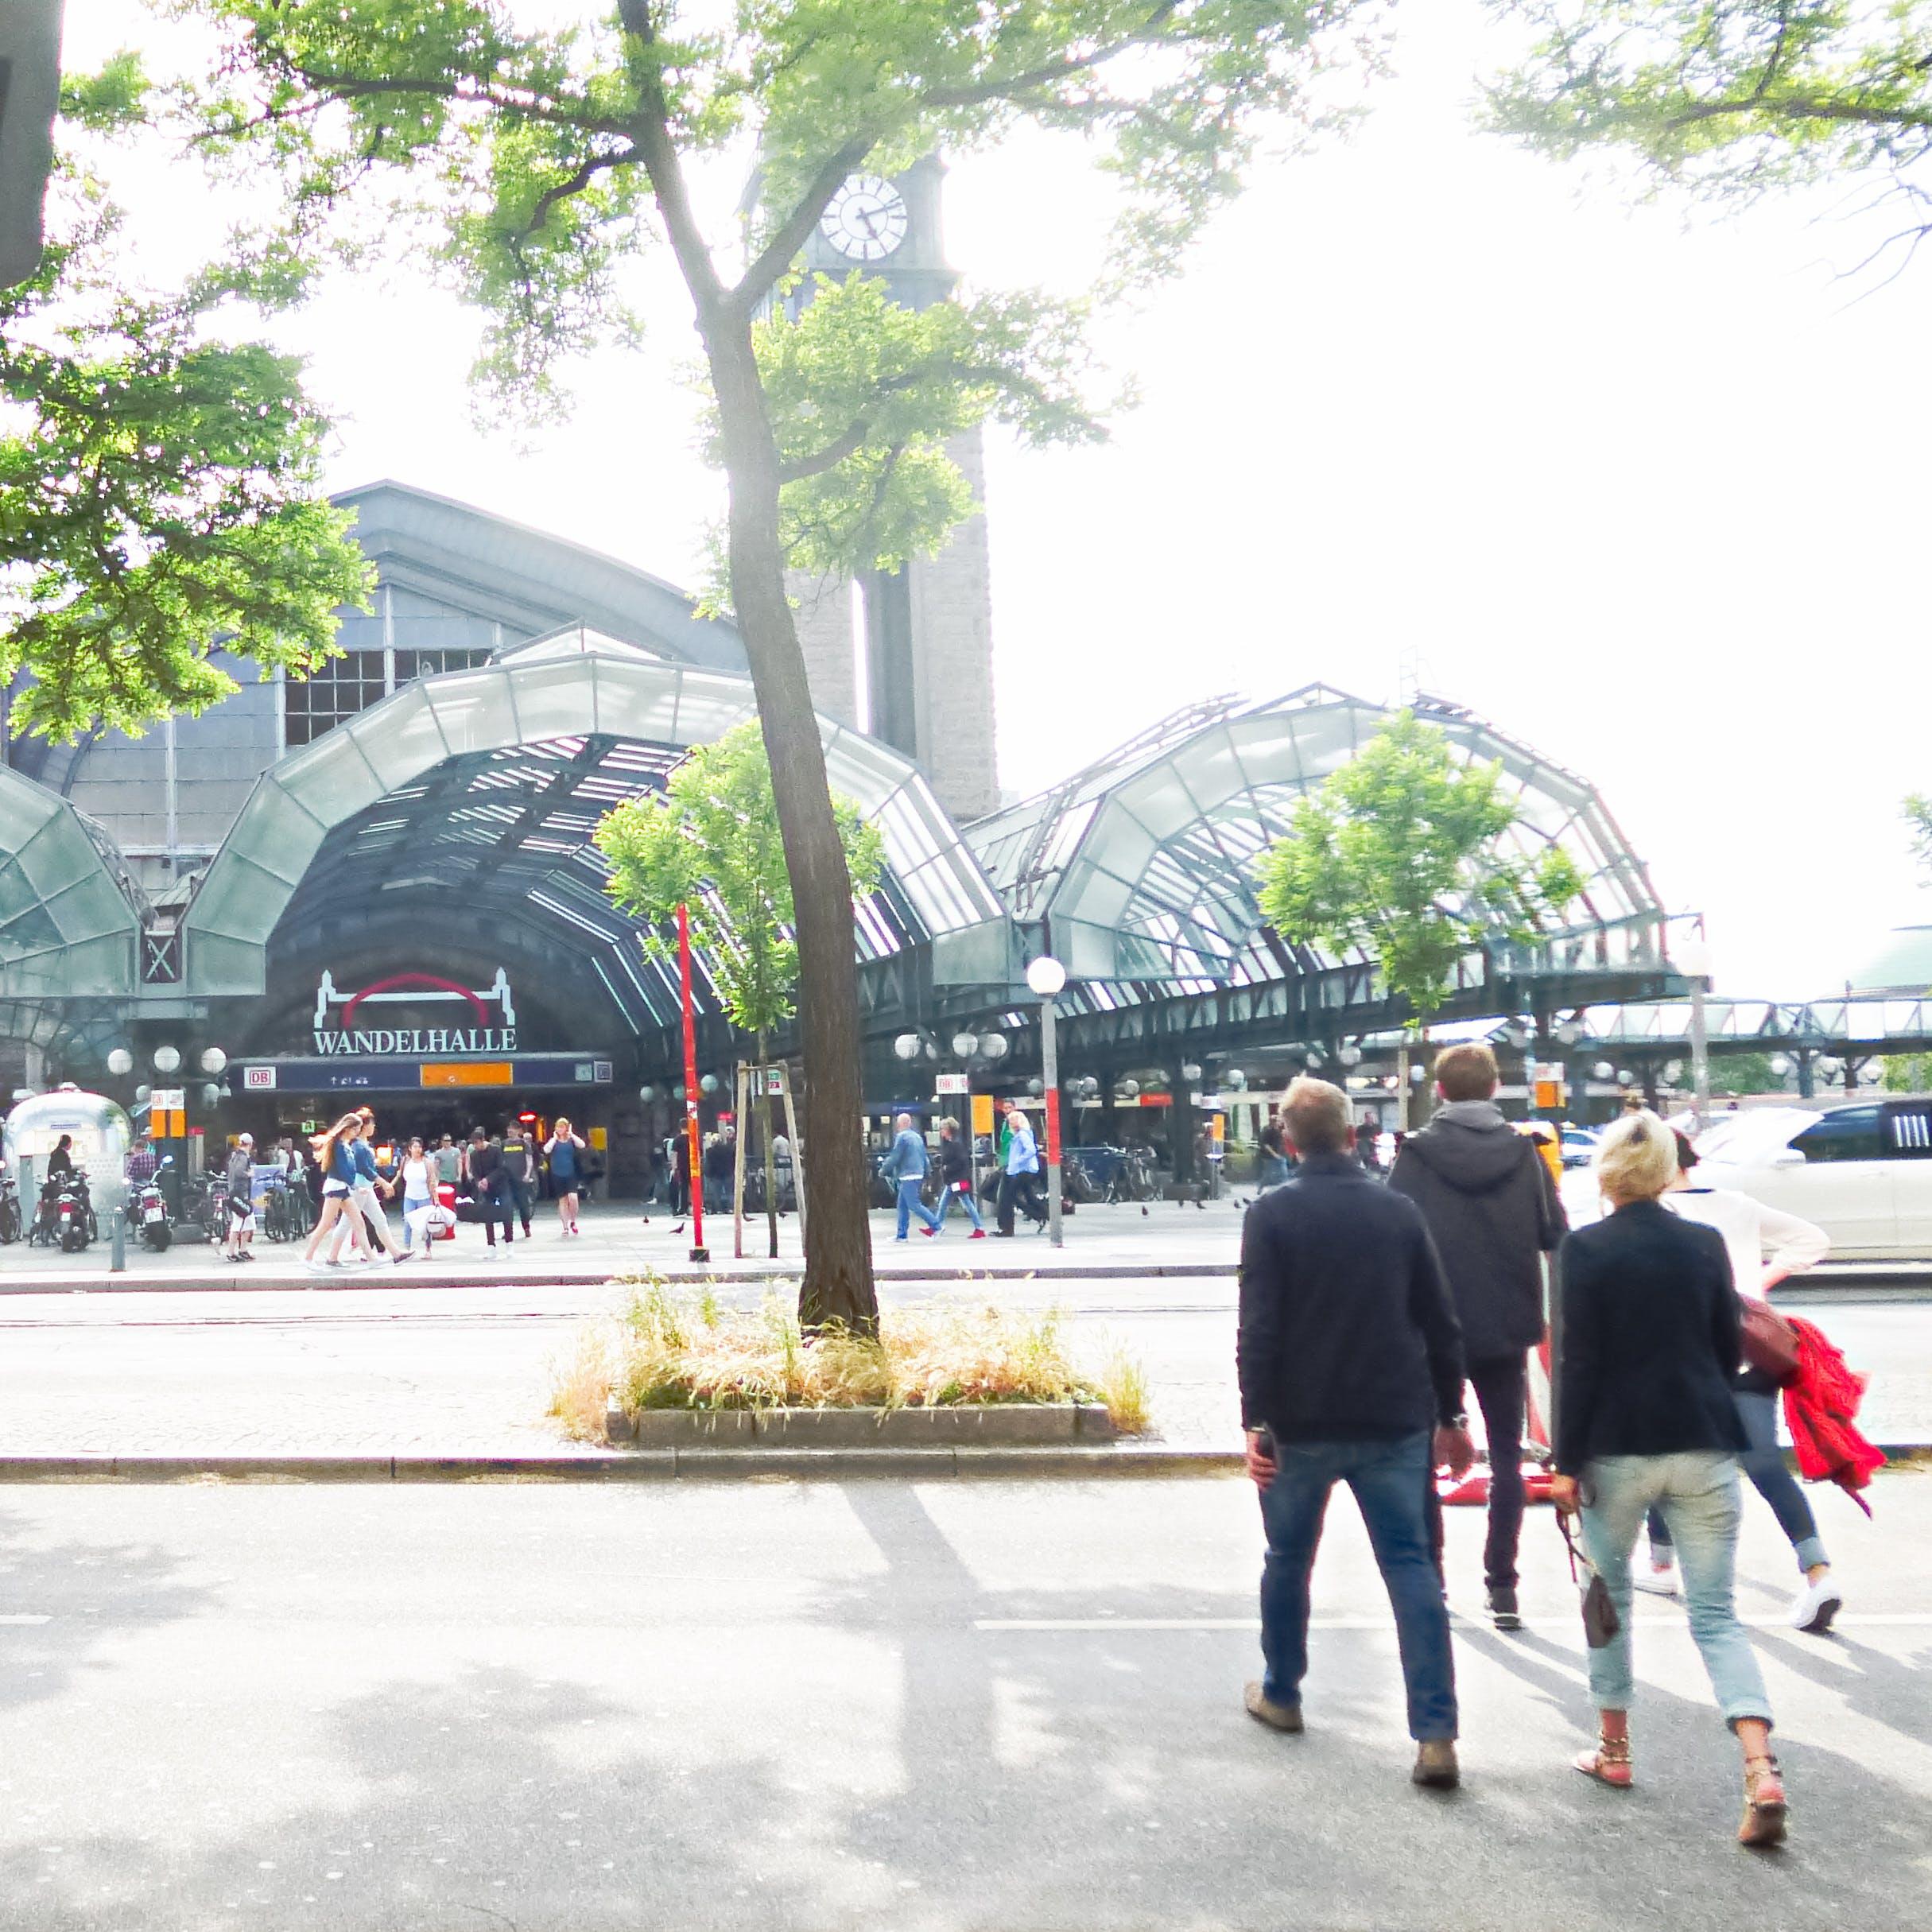 ハンバーグ, 歩く人, 鉄道駅の無料の写真素材